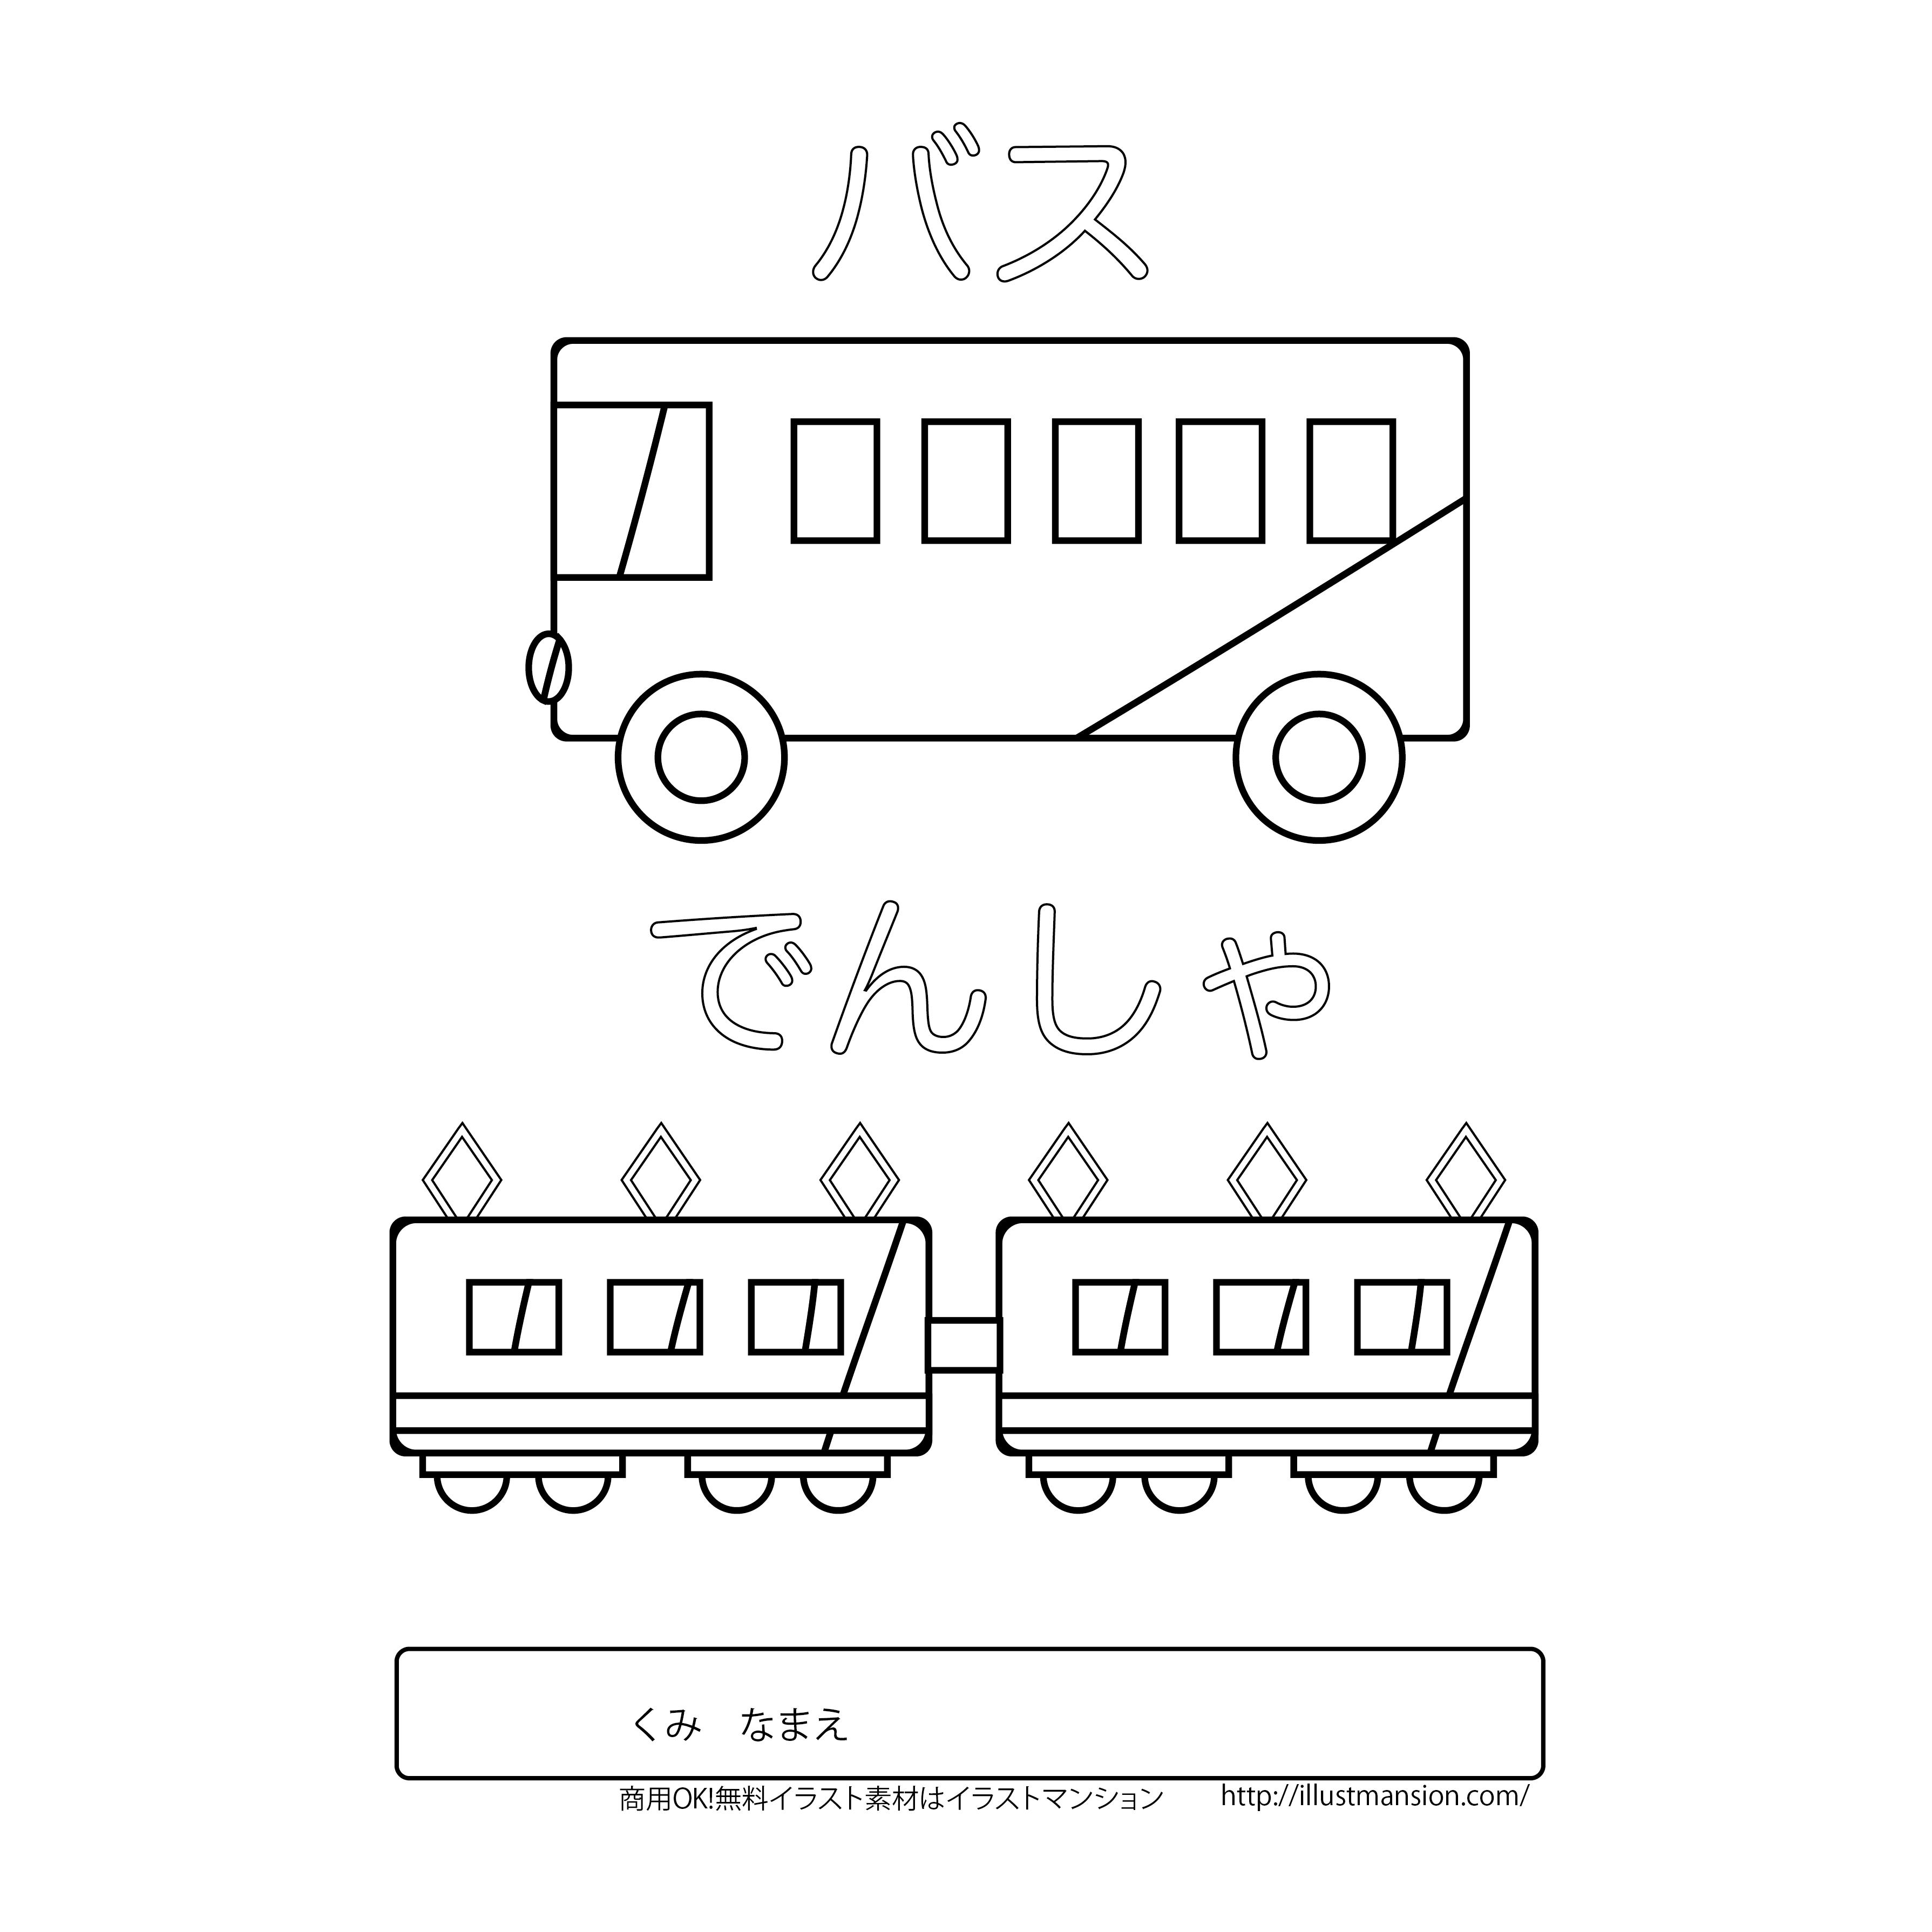 バスと電車のぬりえ イラスト | 商用フリー(無料)のイラスト素材なら